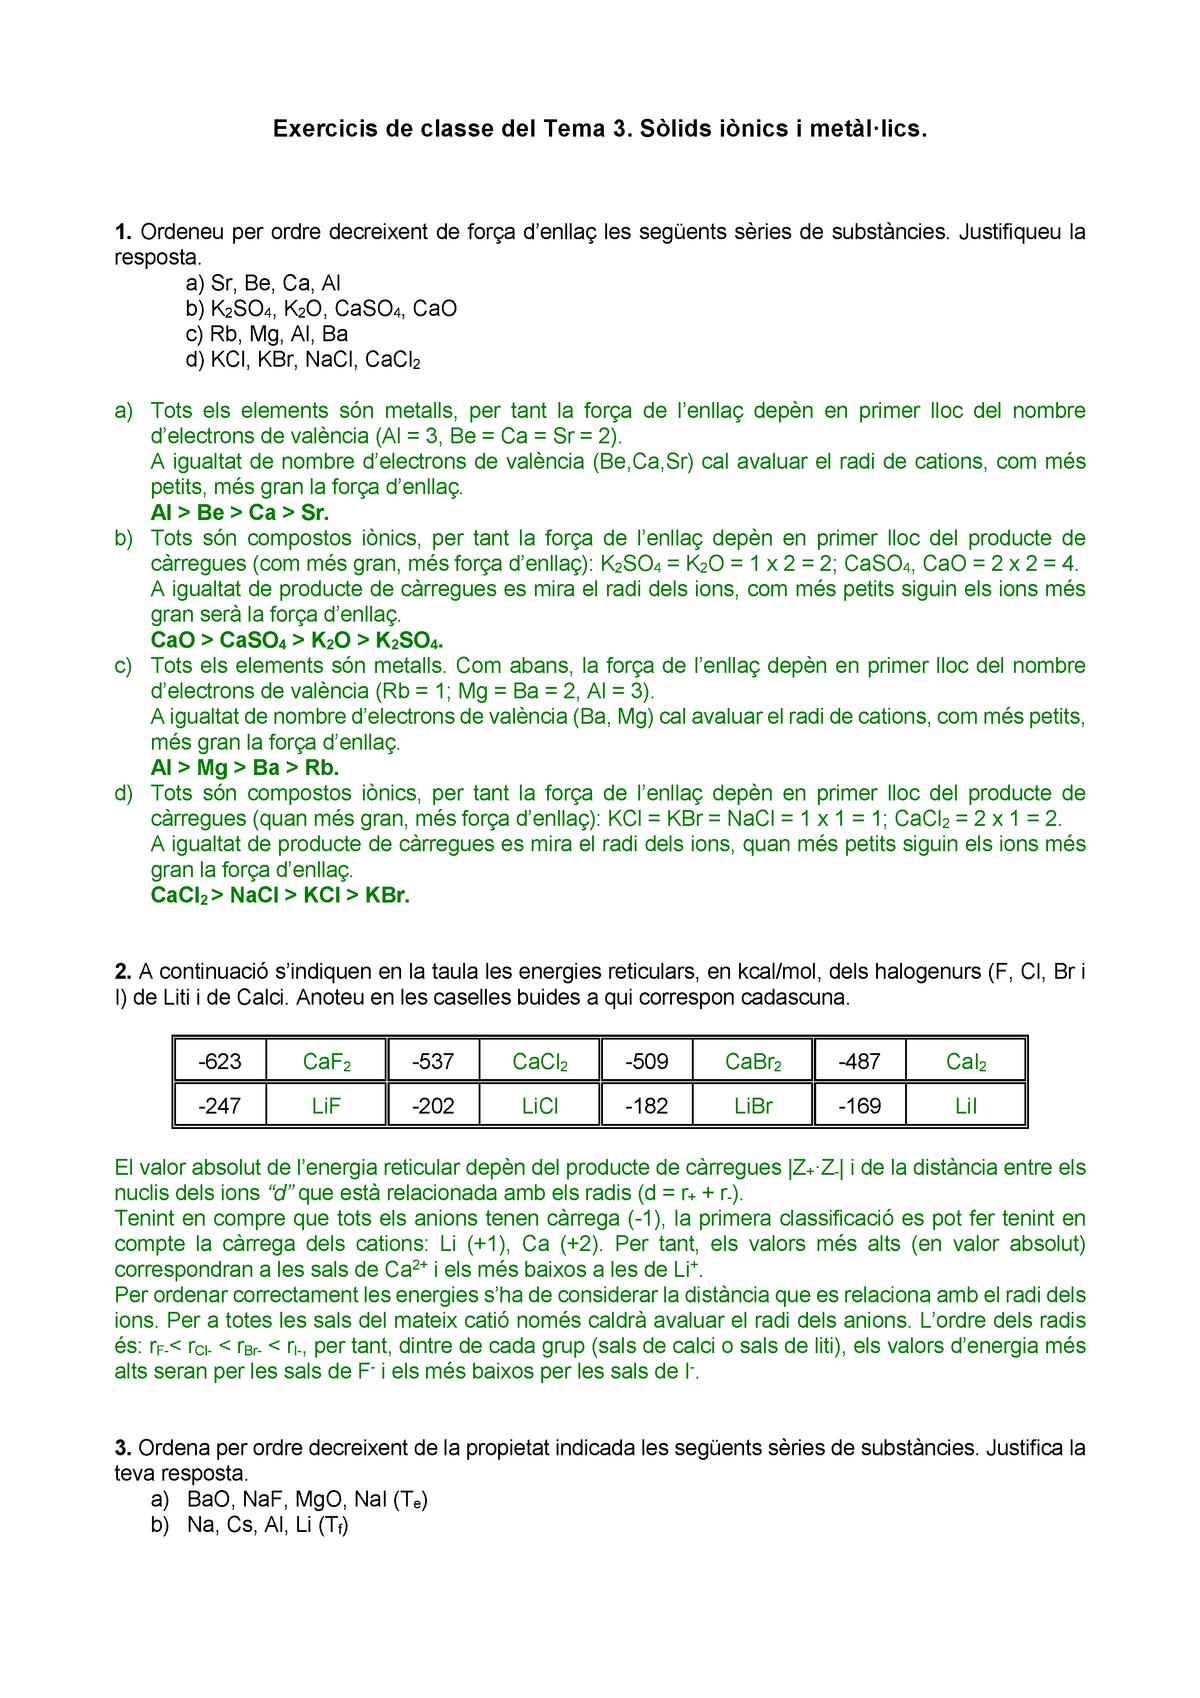 Exercicis Sòlids Iònics I Metàl Lics Amb Solució 100765